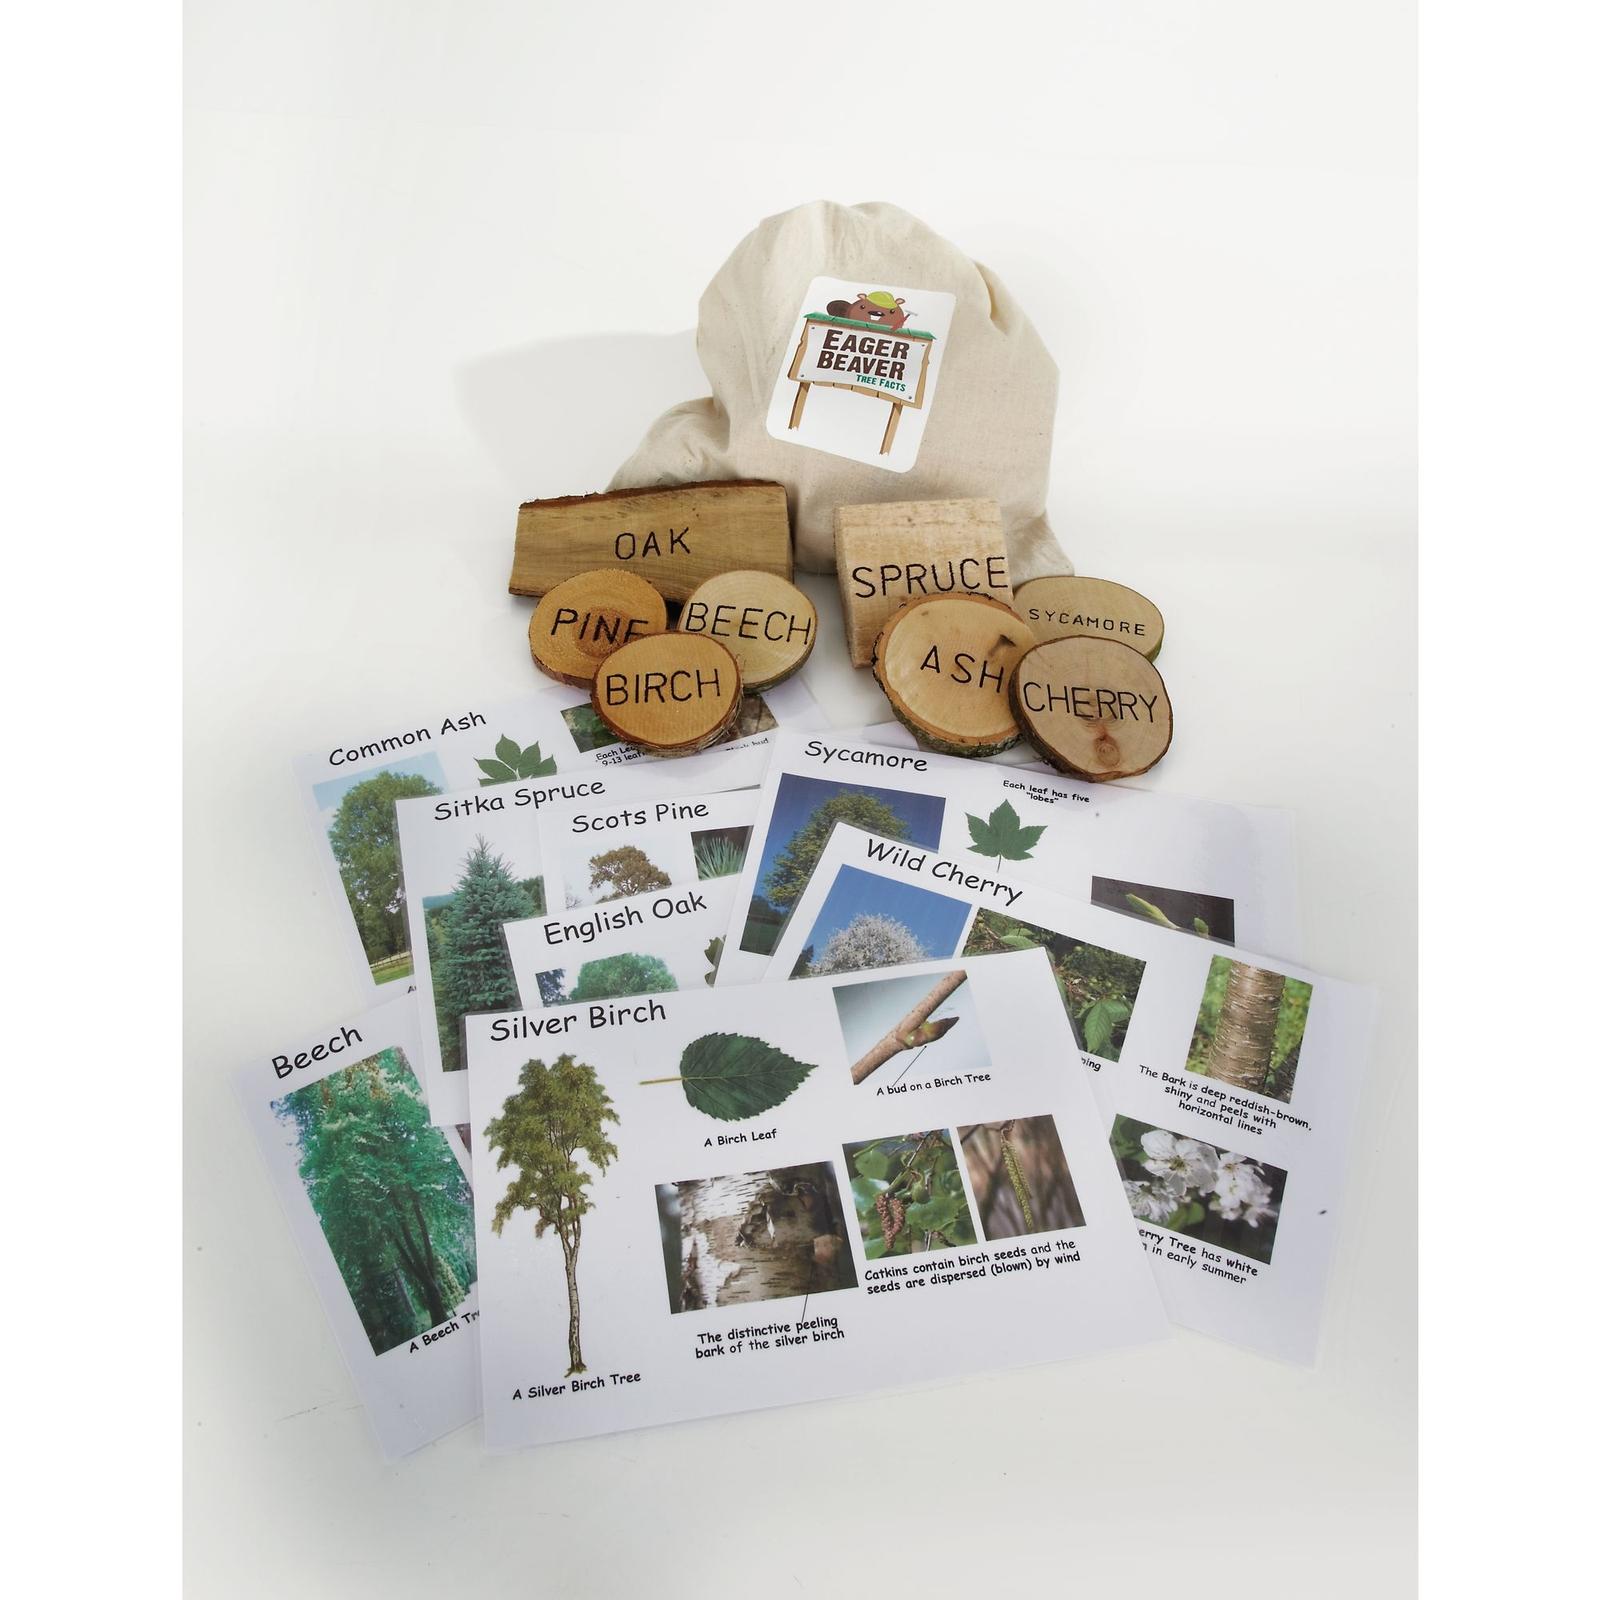 Eager Beaver - Tree Investigation Kit